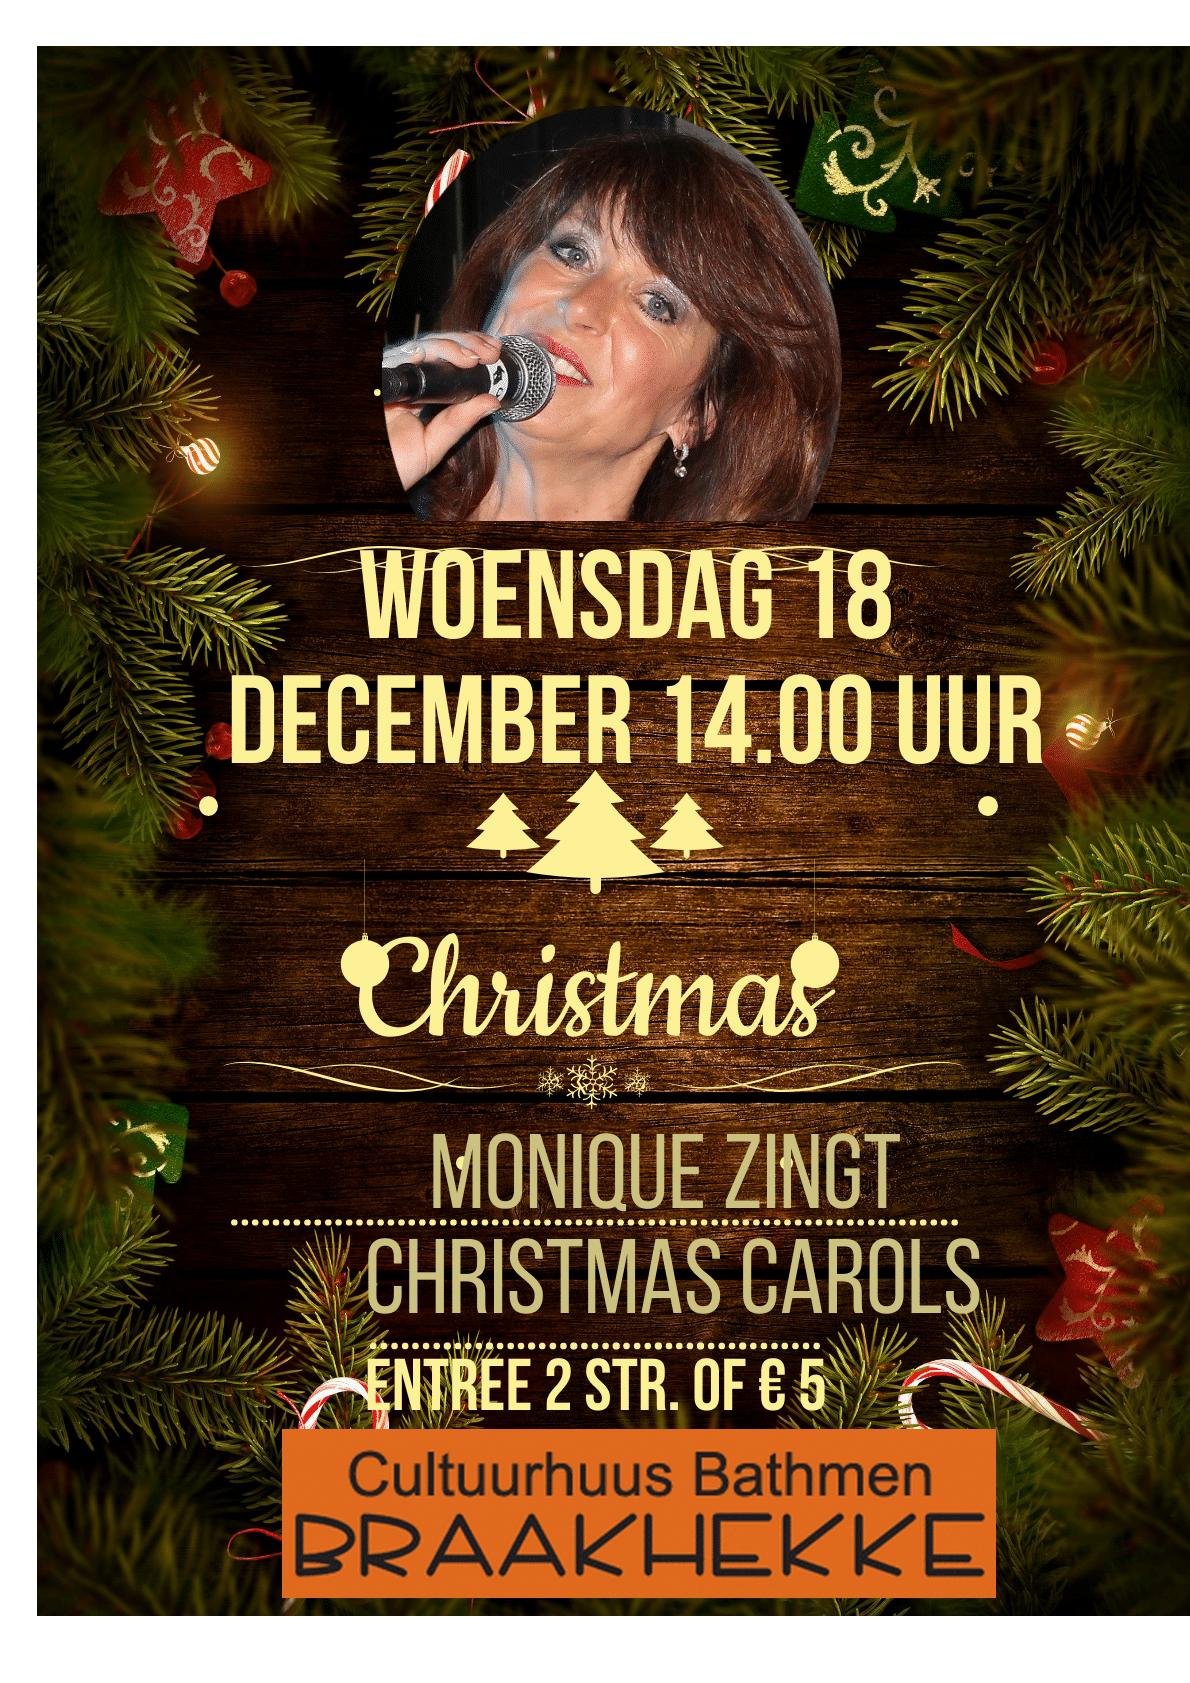 Woensdag 18 december 14.00 uur Kerstprogramma met Monique